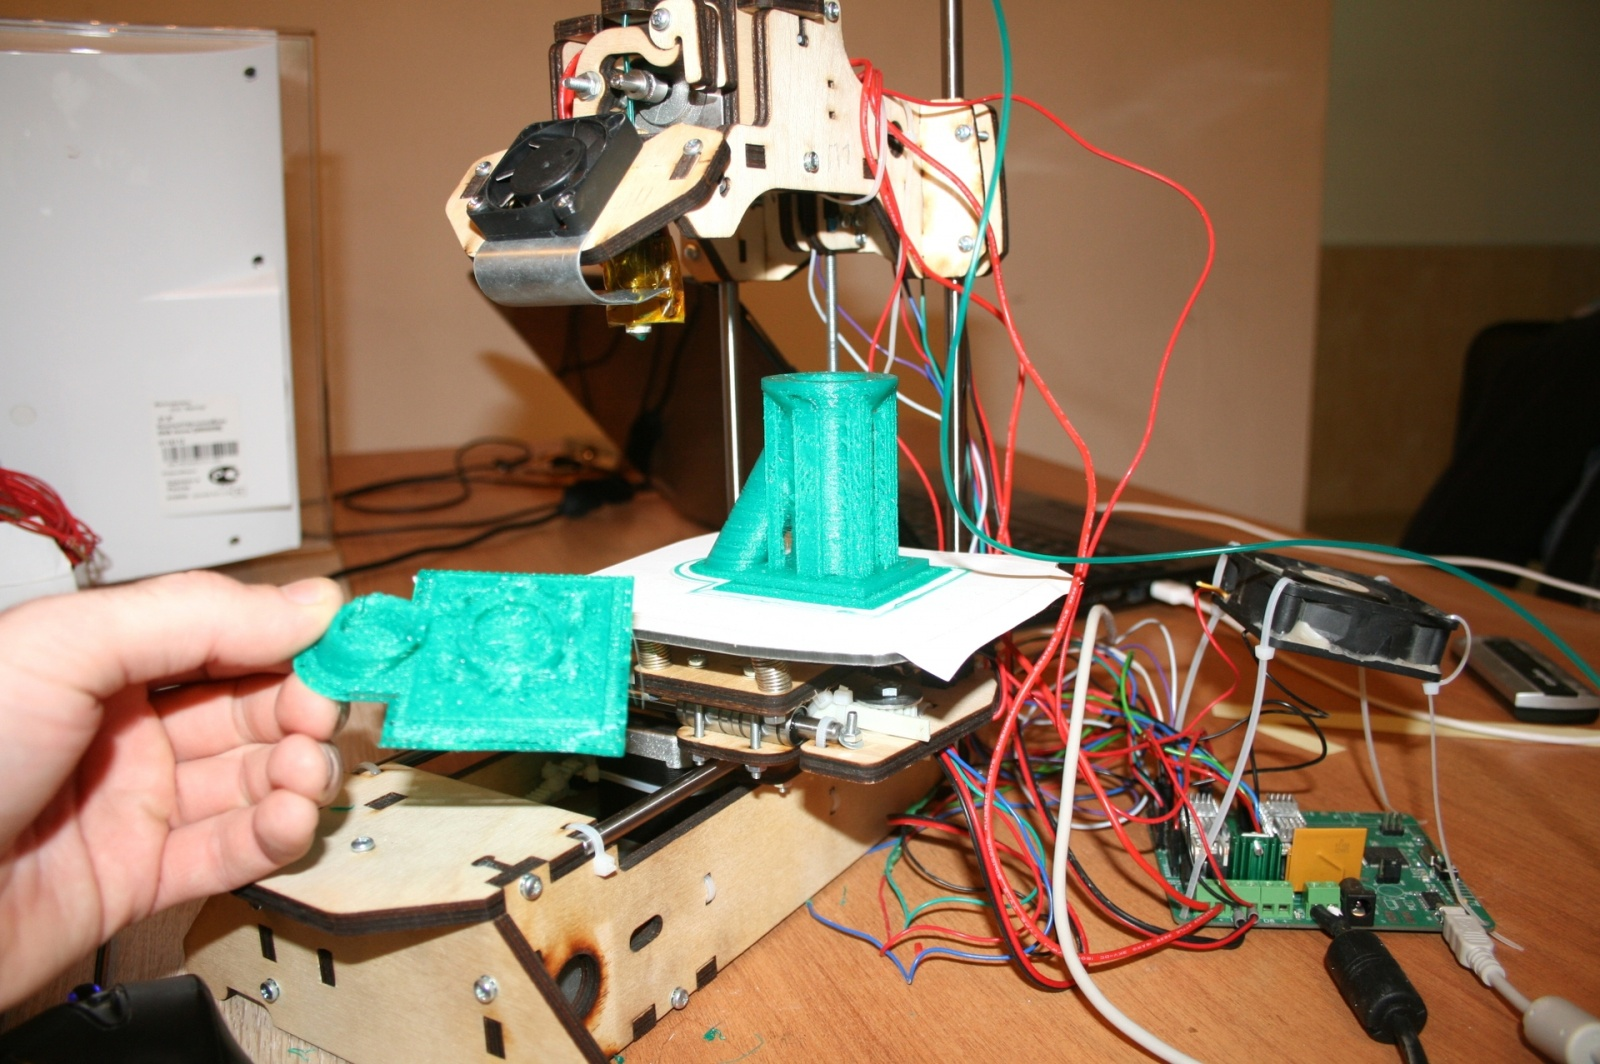 Самостоятельная сборка 3d-принтера или покупка готового оборудования для конструирования. 3d-печать. Часть 3 - 12